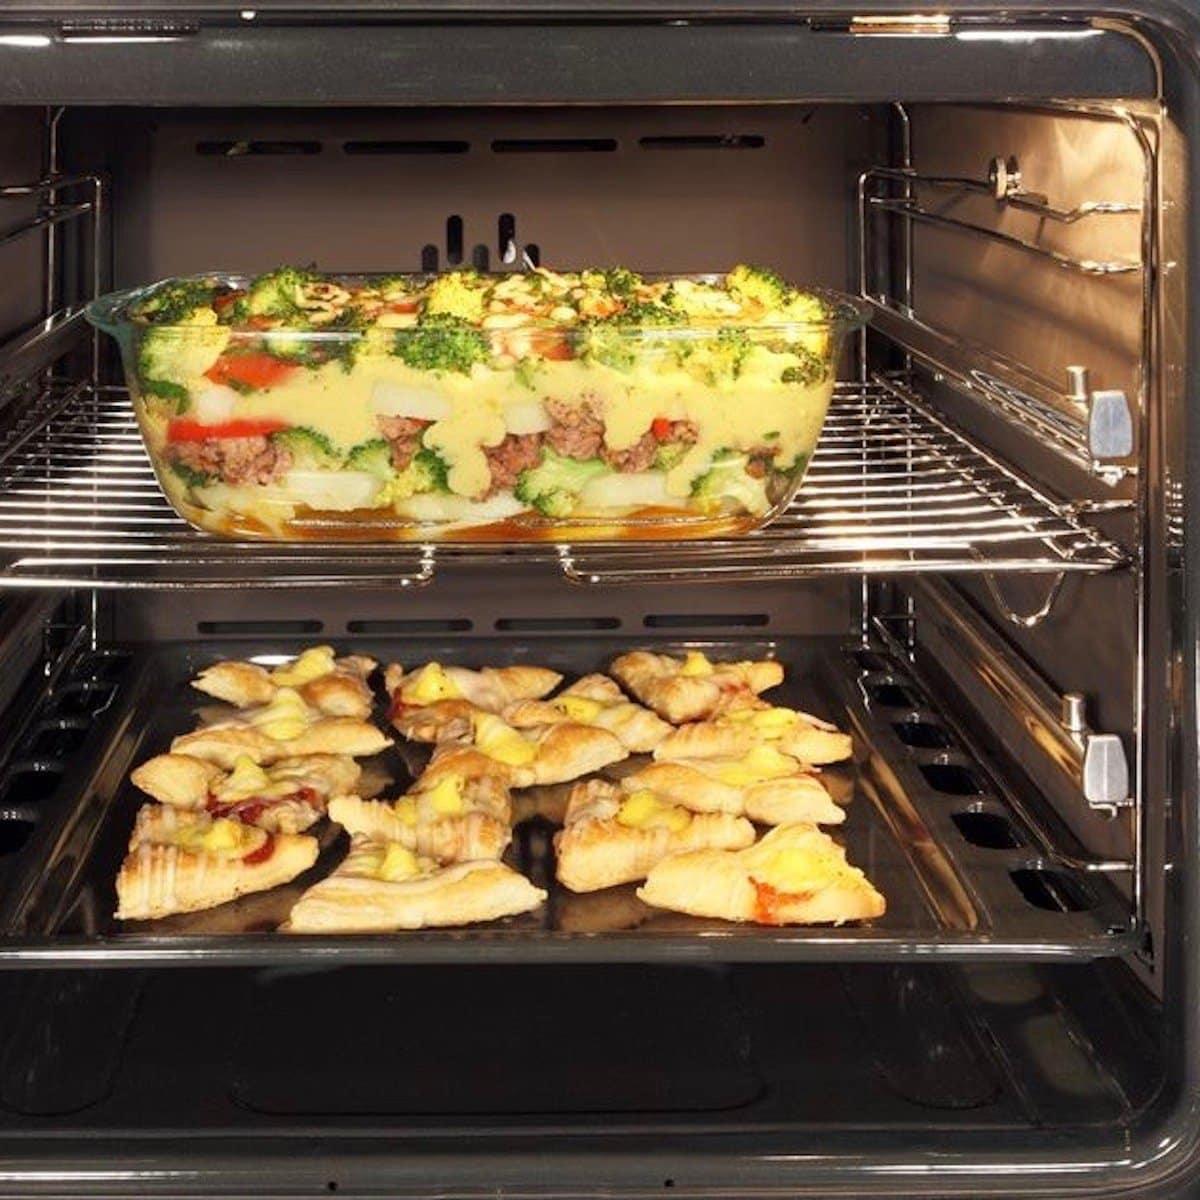 Comment faire cuire de la viande sur la grille du four?